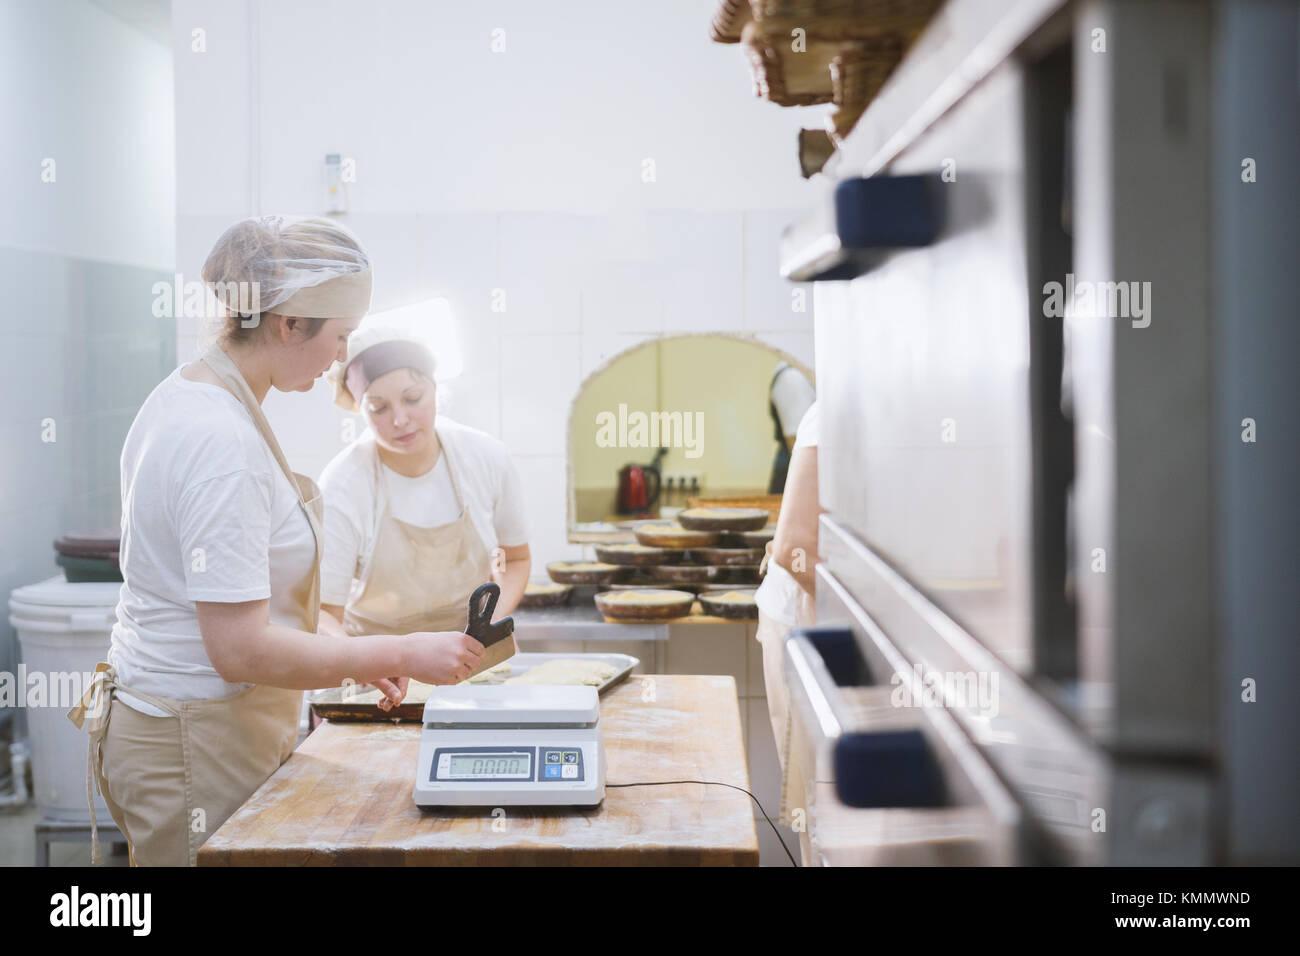 Les cuisiniers travaillent dans le sourire bakery Photo Stock